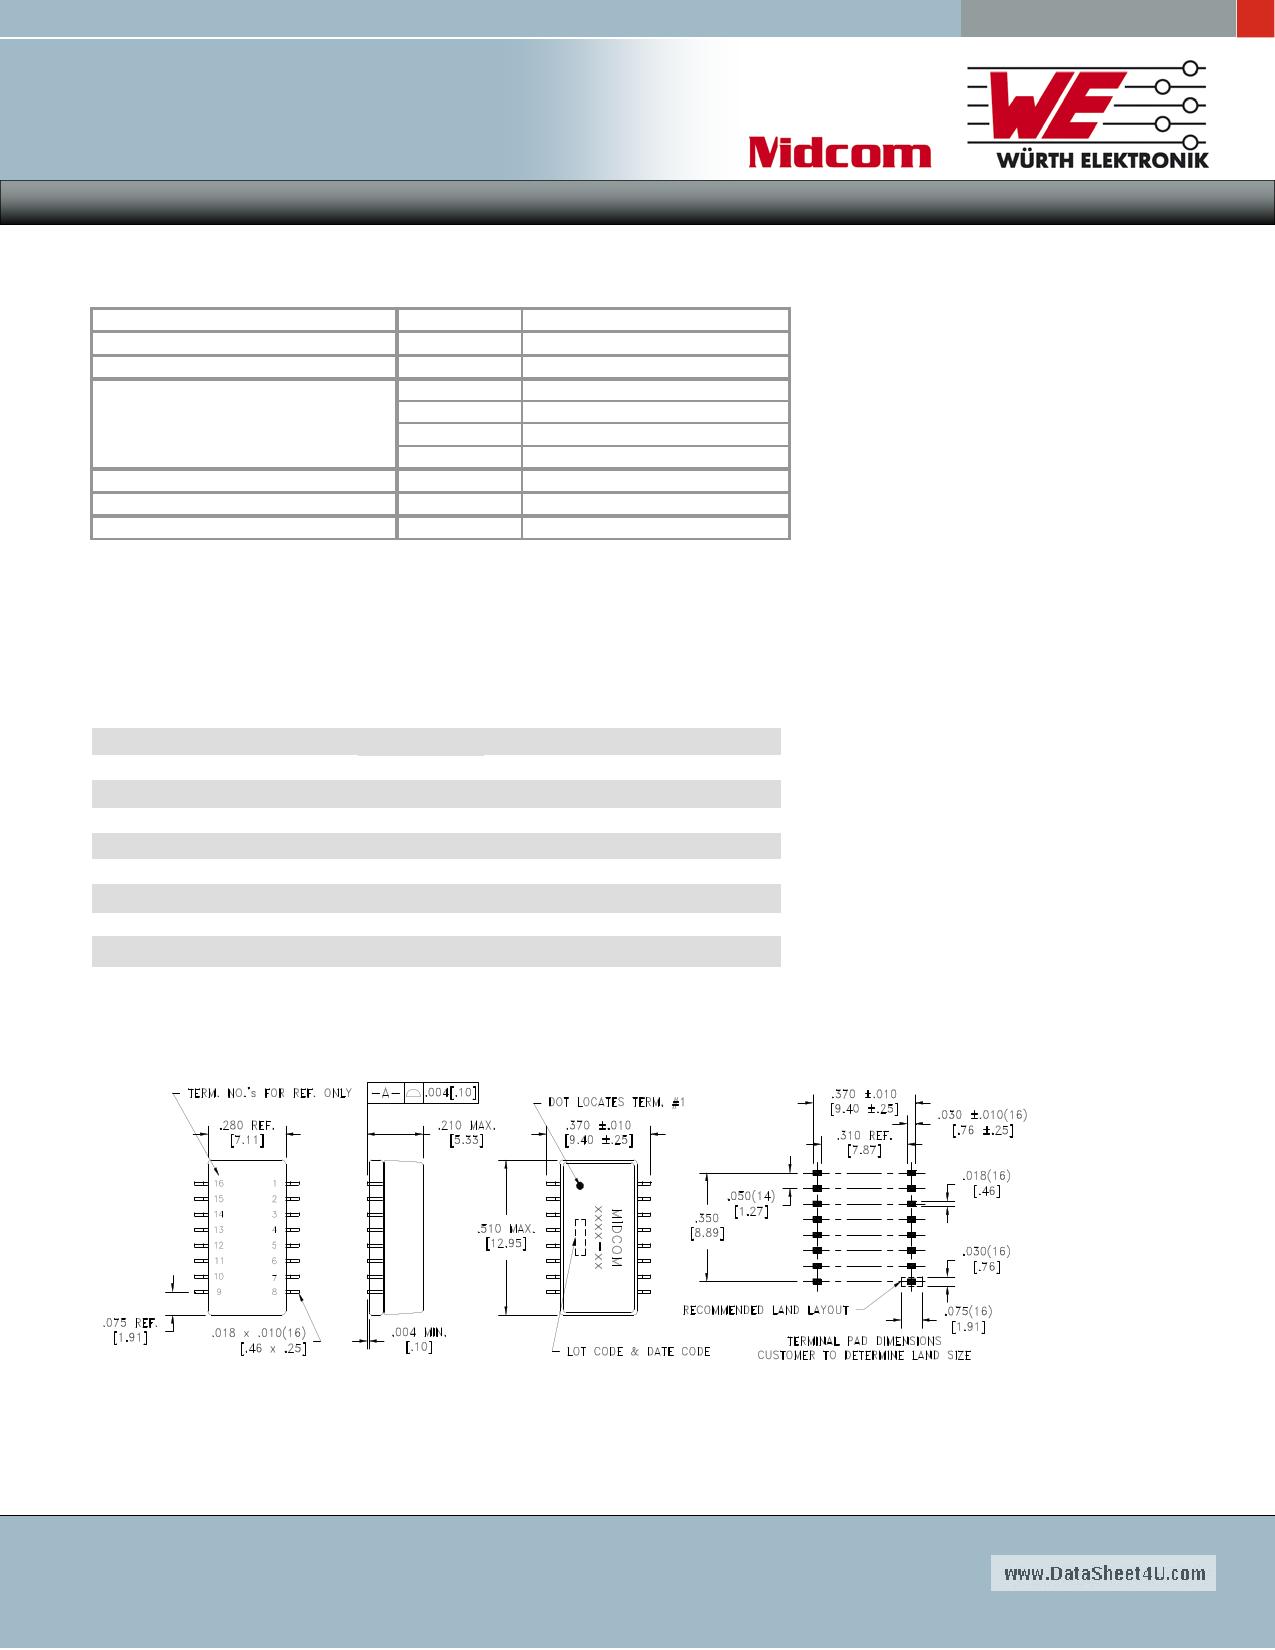 000-7315-37 datasheet